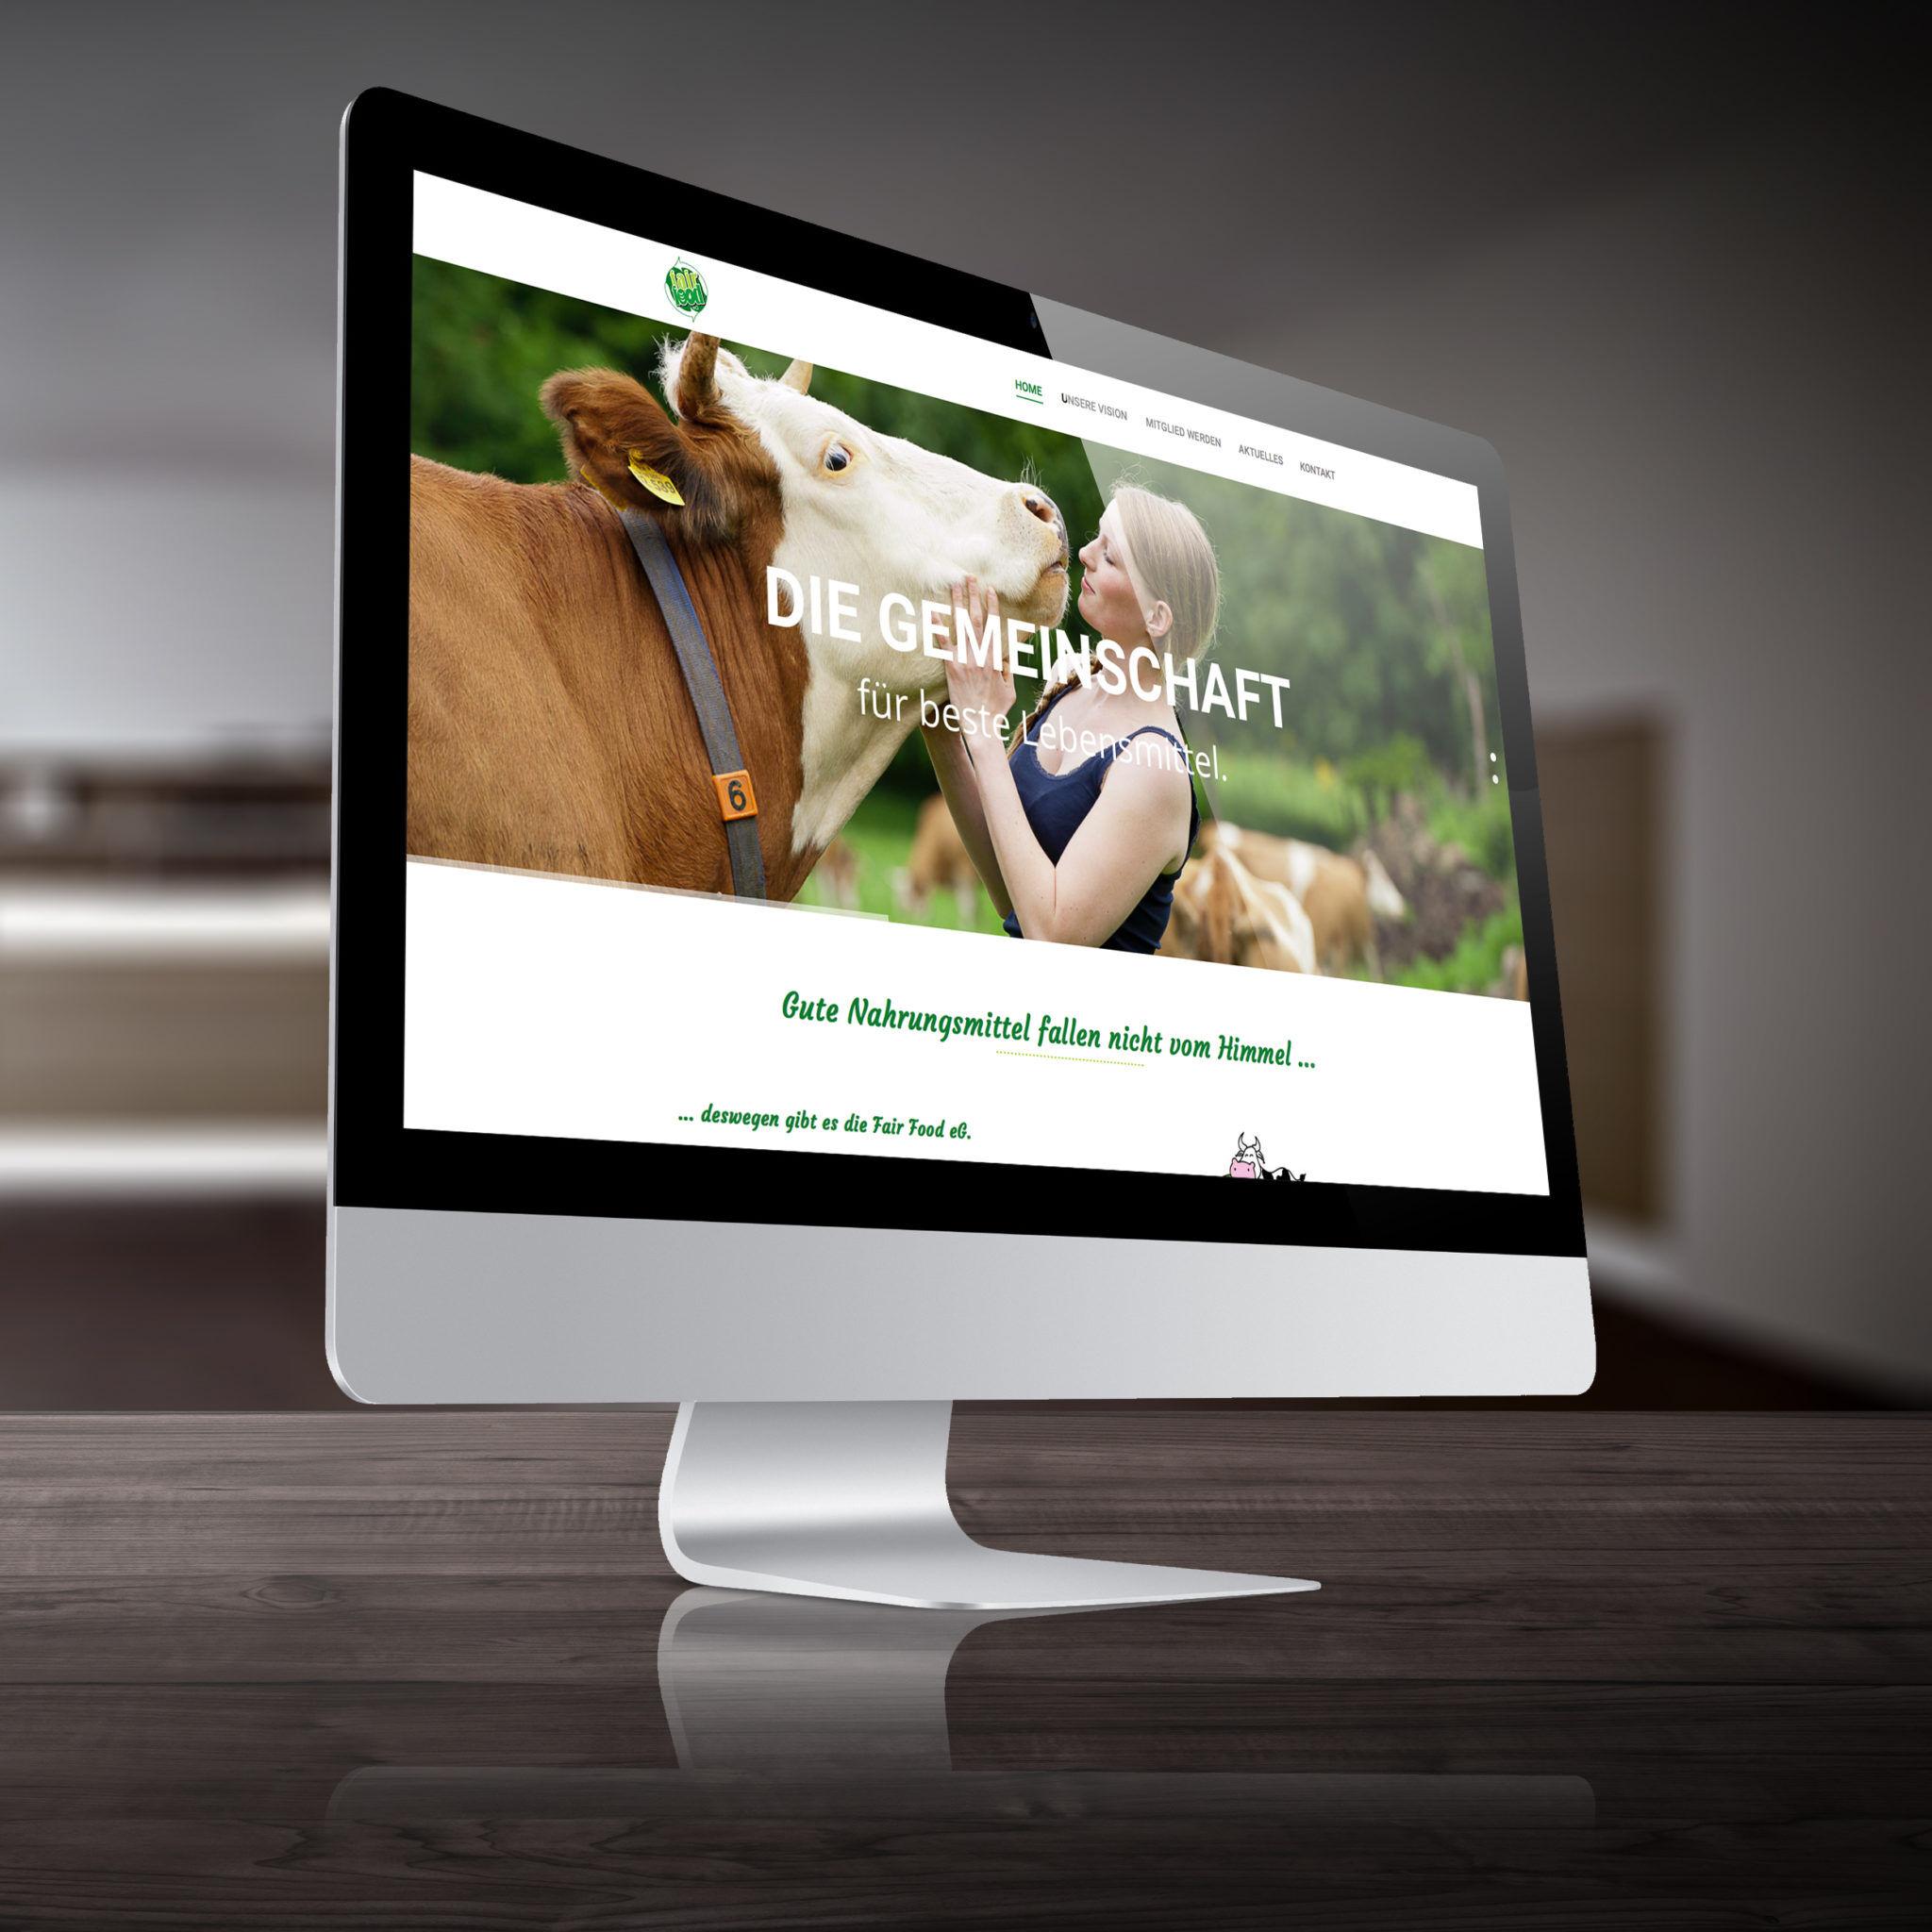 Fairfood Webseite visualisiert